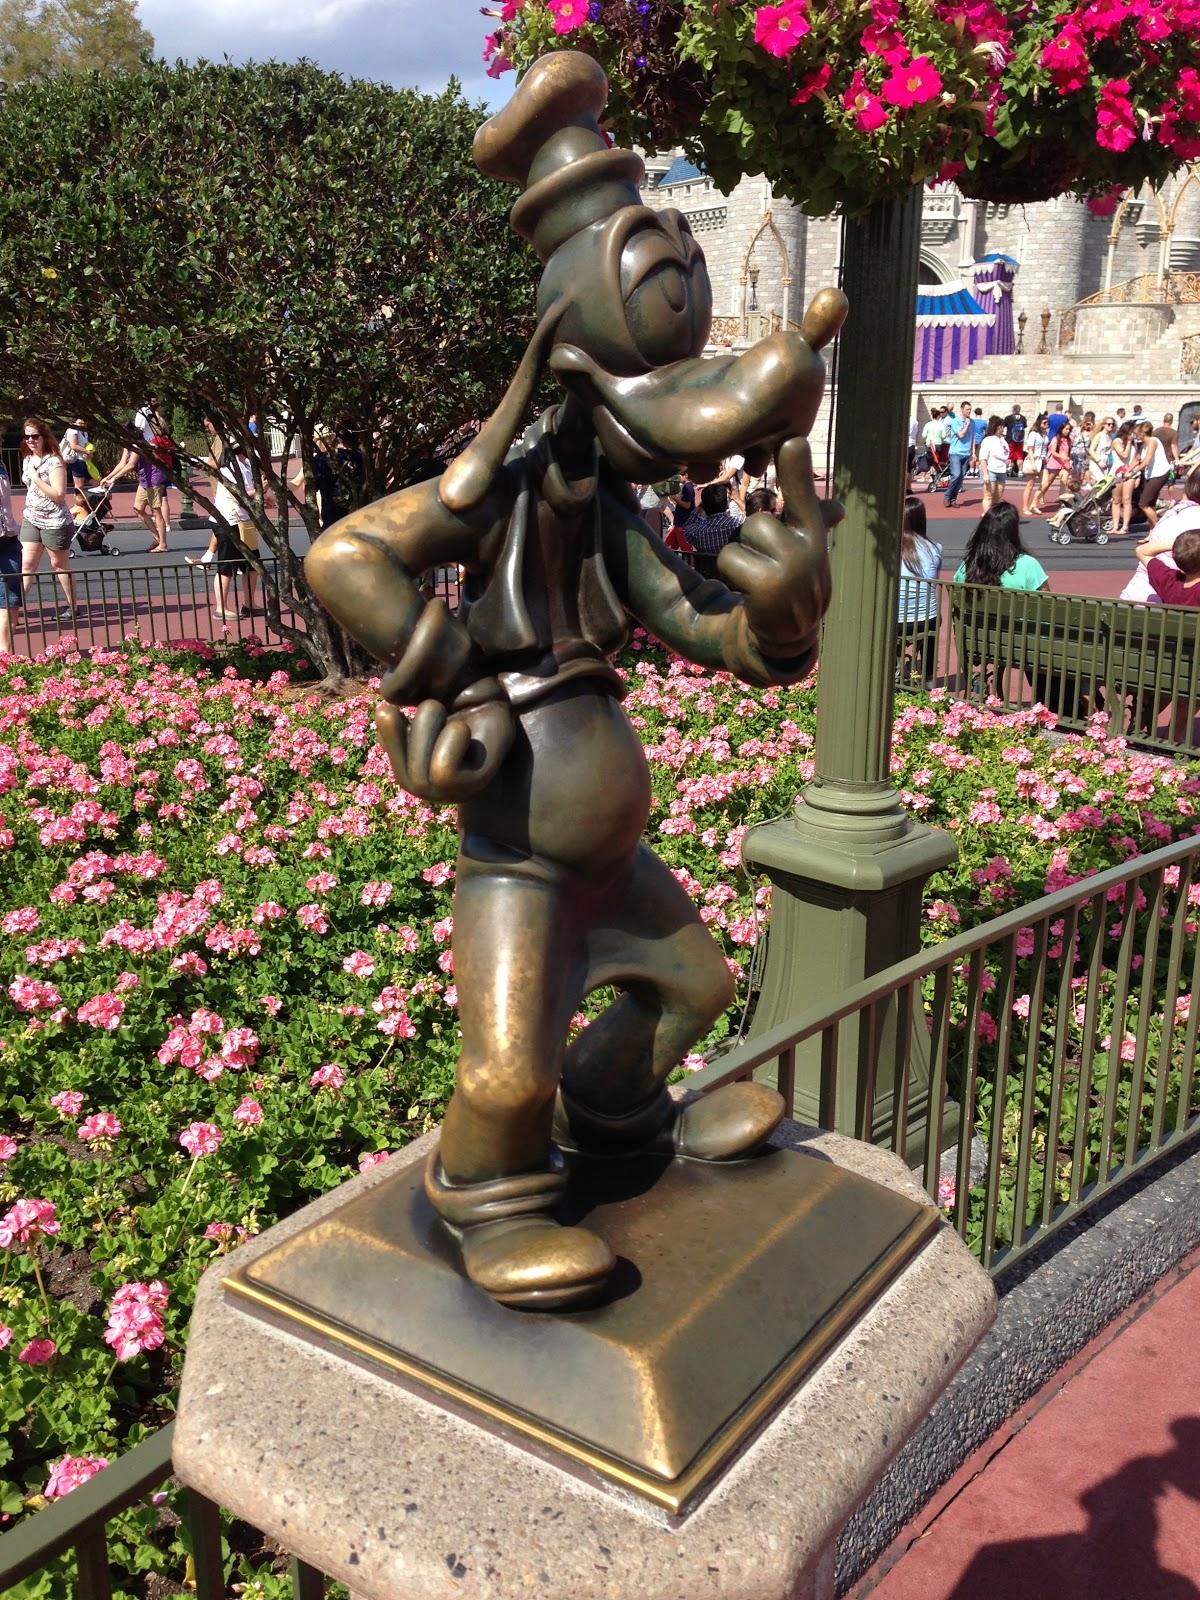 Digital Disney World: DDW Pic 547. Goofy Statue